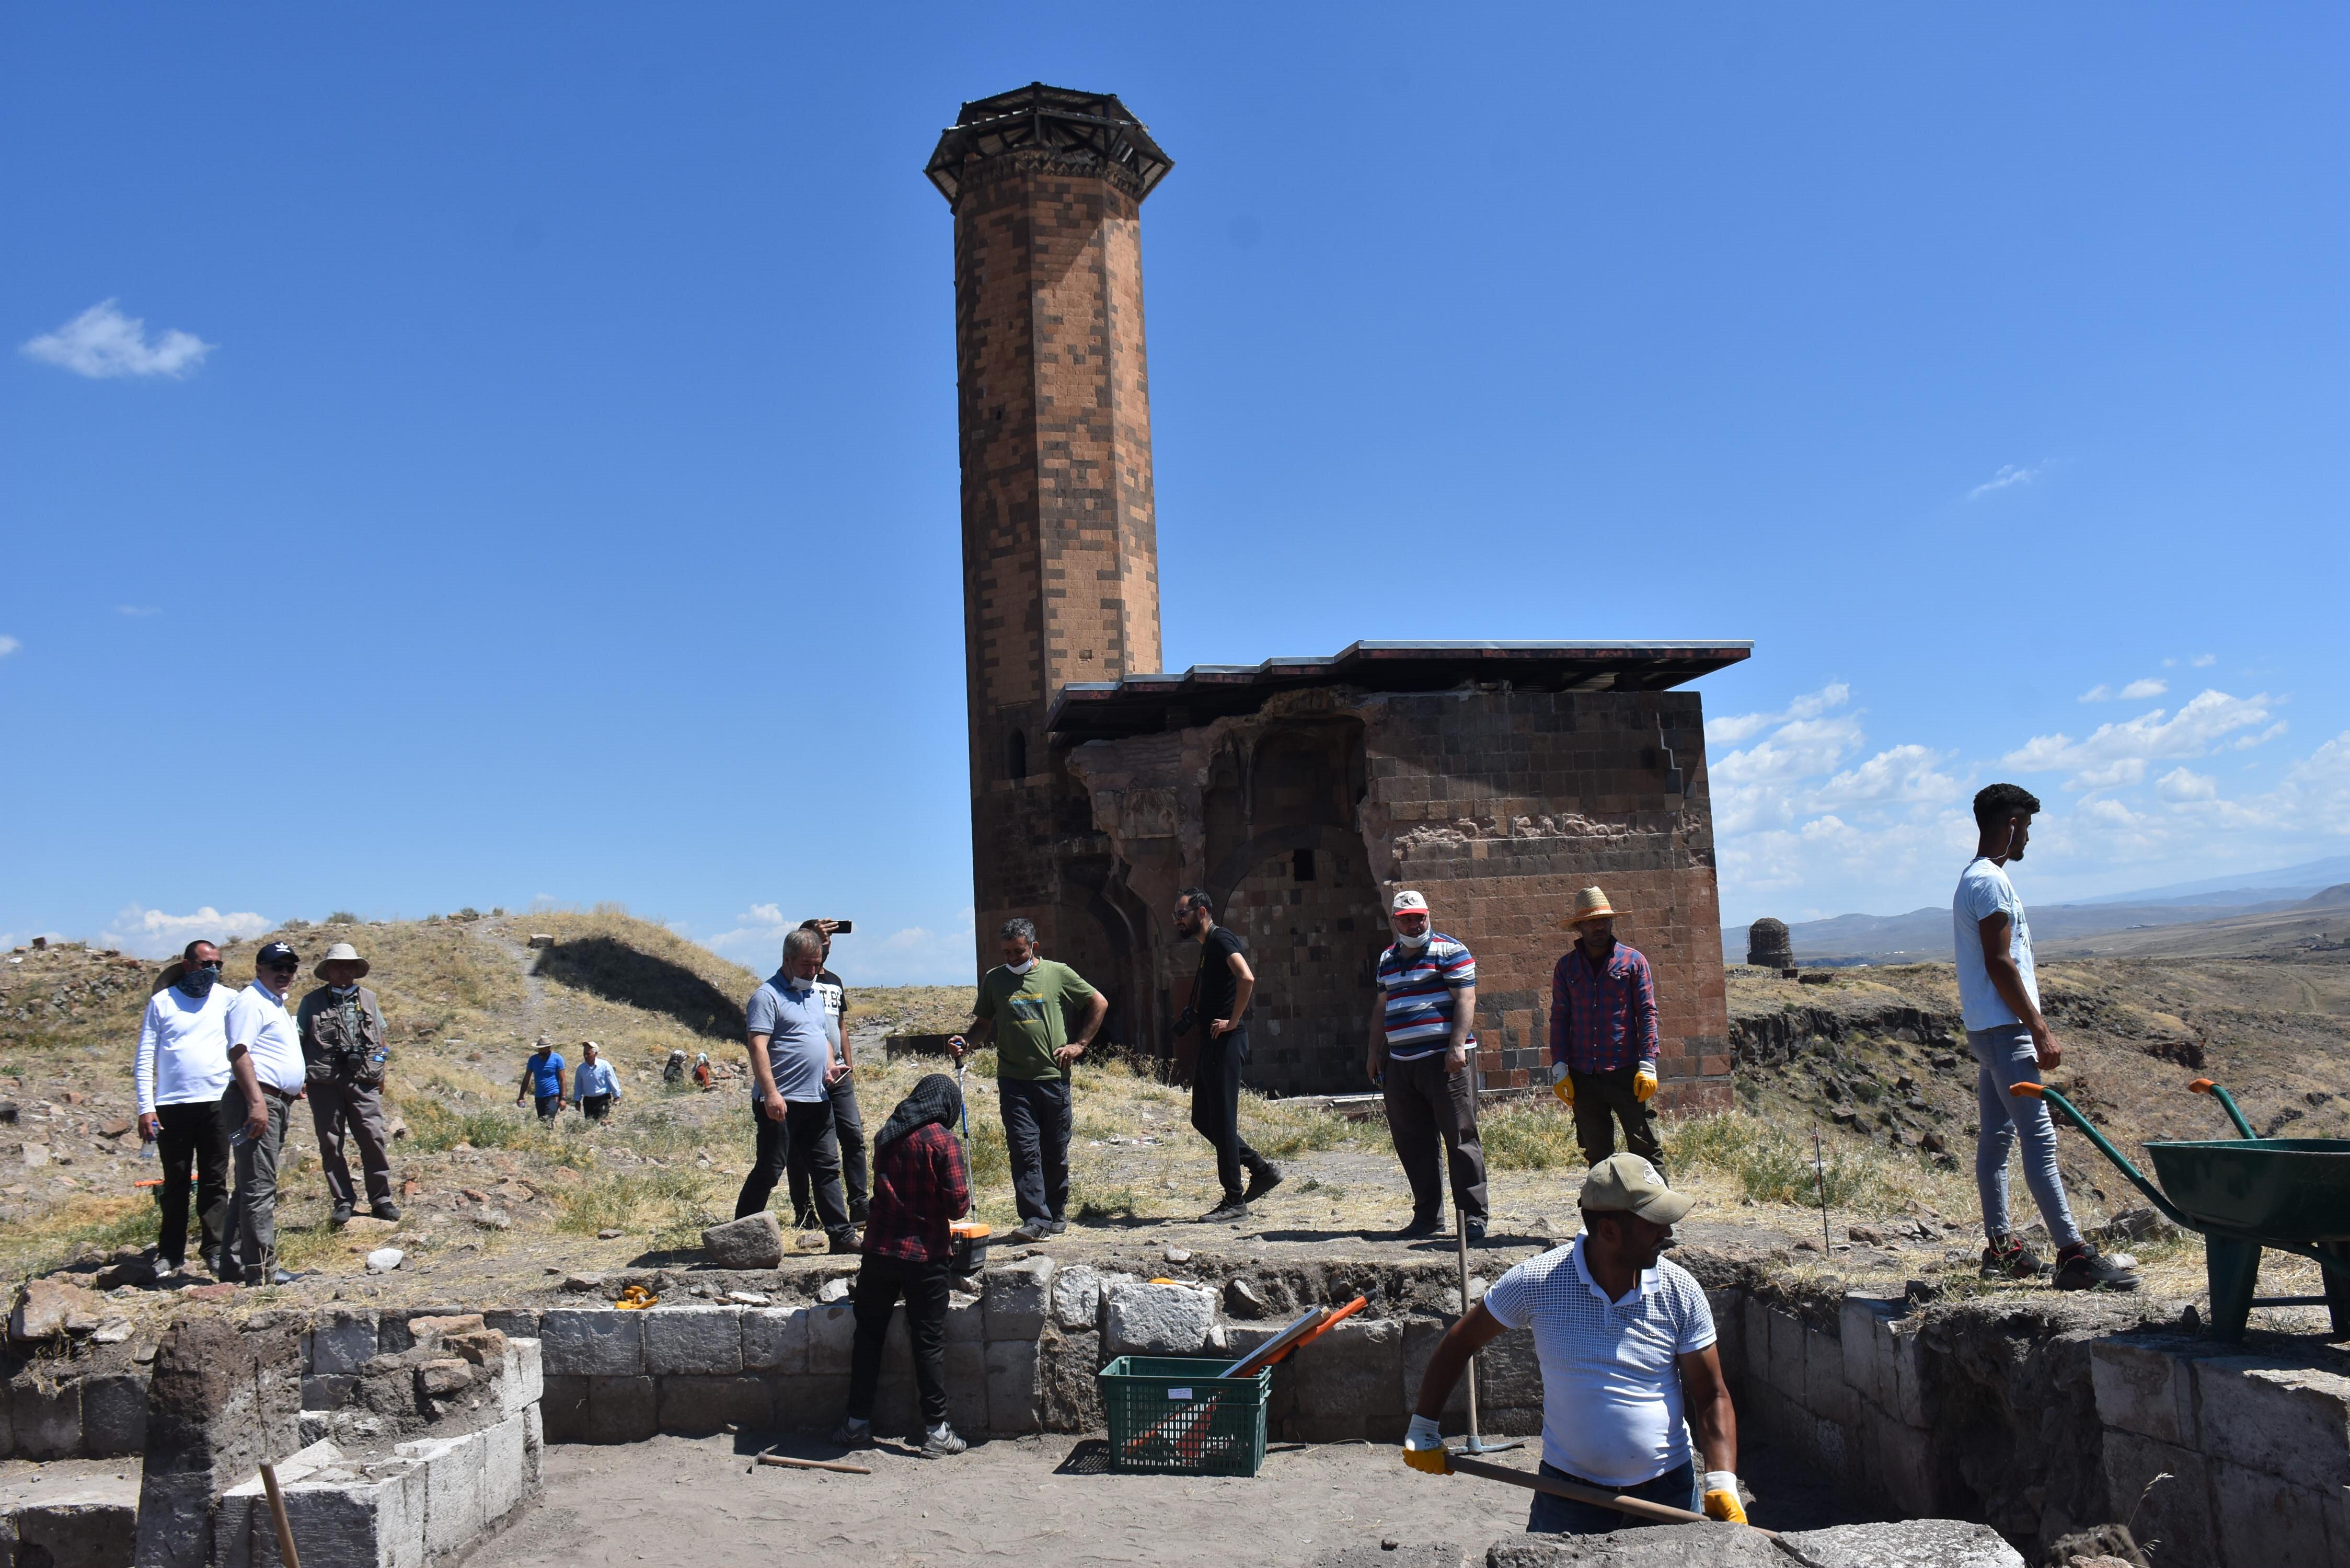 UNESCO Dünya Mirası Listesi'nde yer alan Ani Ören Yeri'nde bulunan Anadolu'daki ilk Türk camisi Ebul Menuçehr'in, restore edilerek ibadete açılması için etrafında başlatılan kazı çalışmaları devam ediyor.